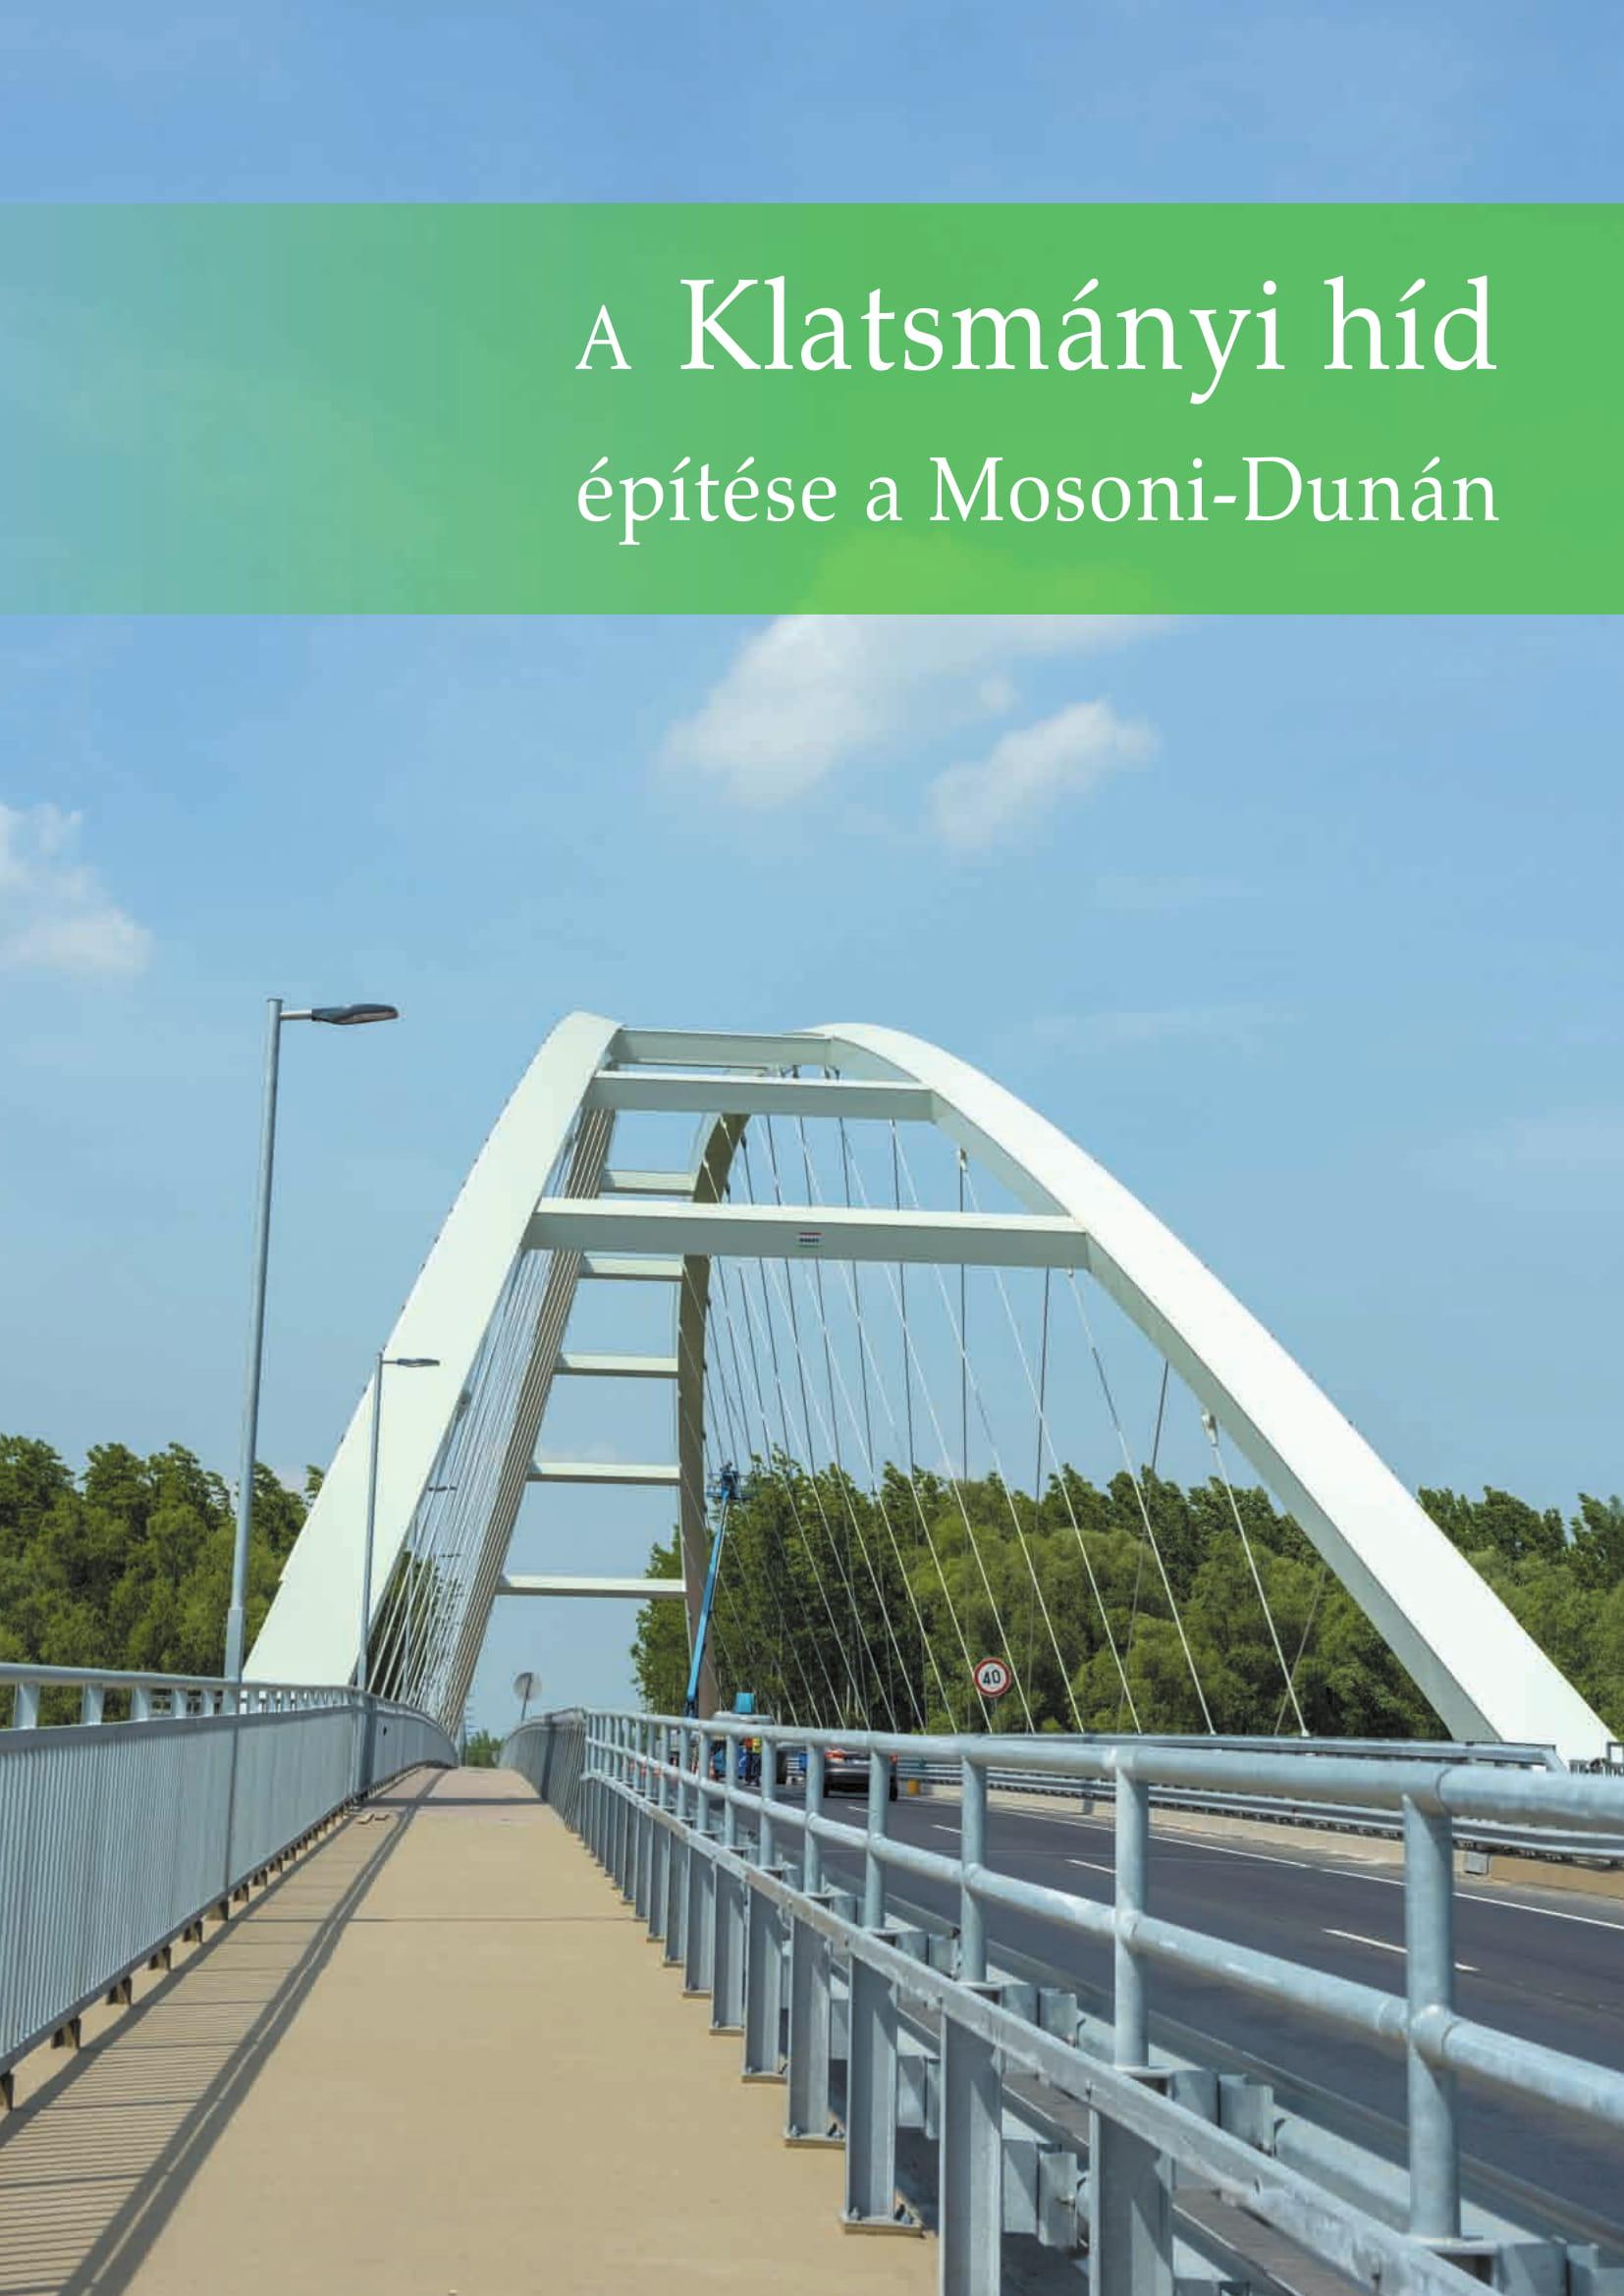 Klatsmányi híd (Győr)